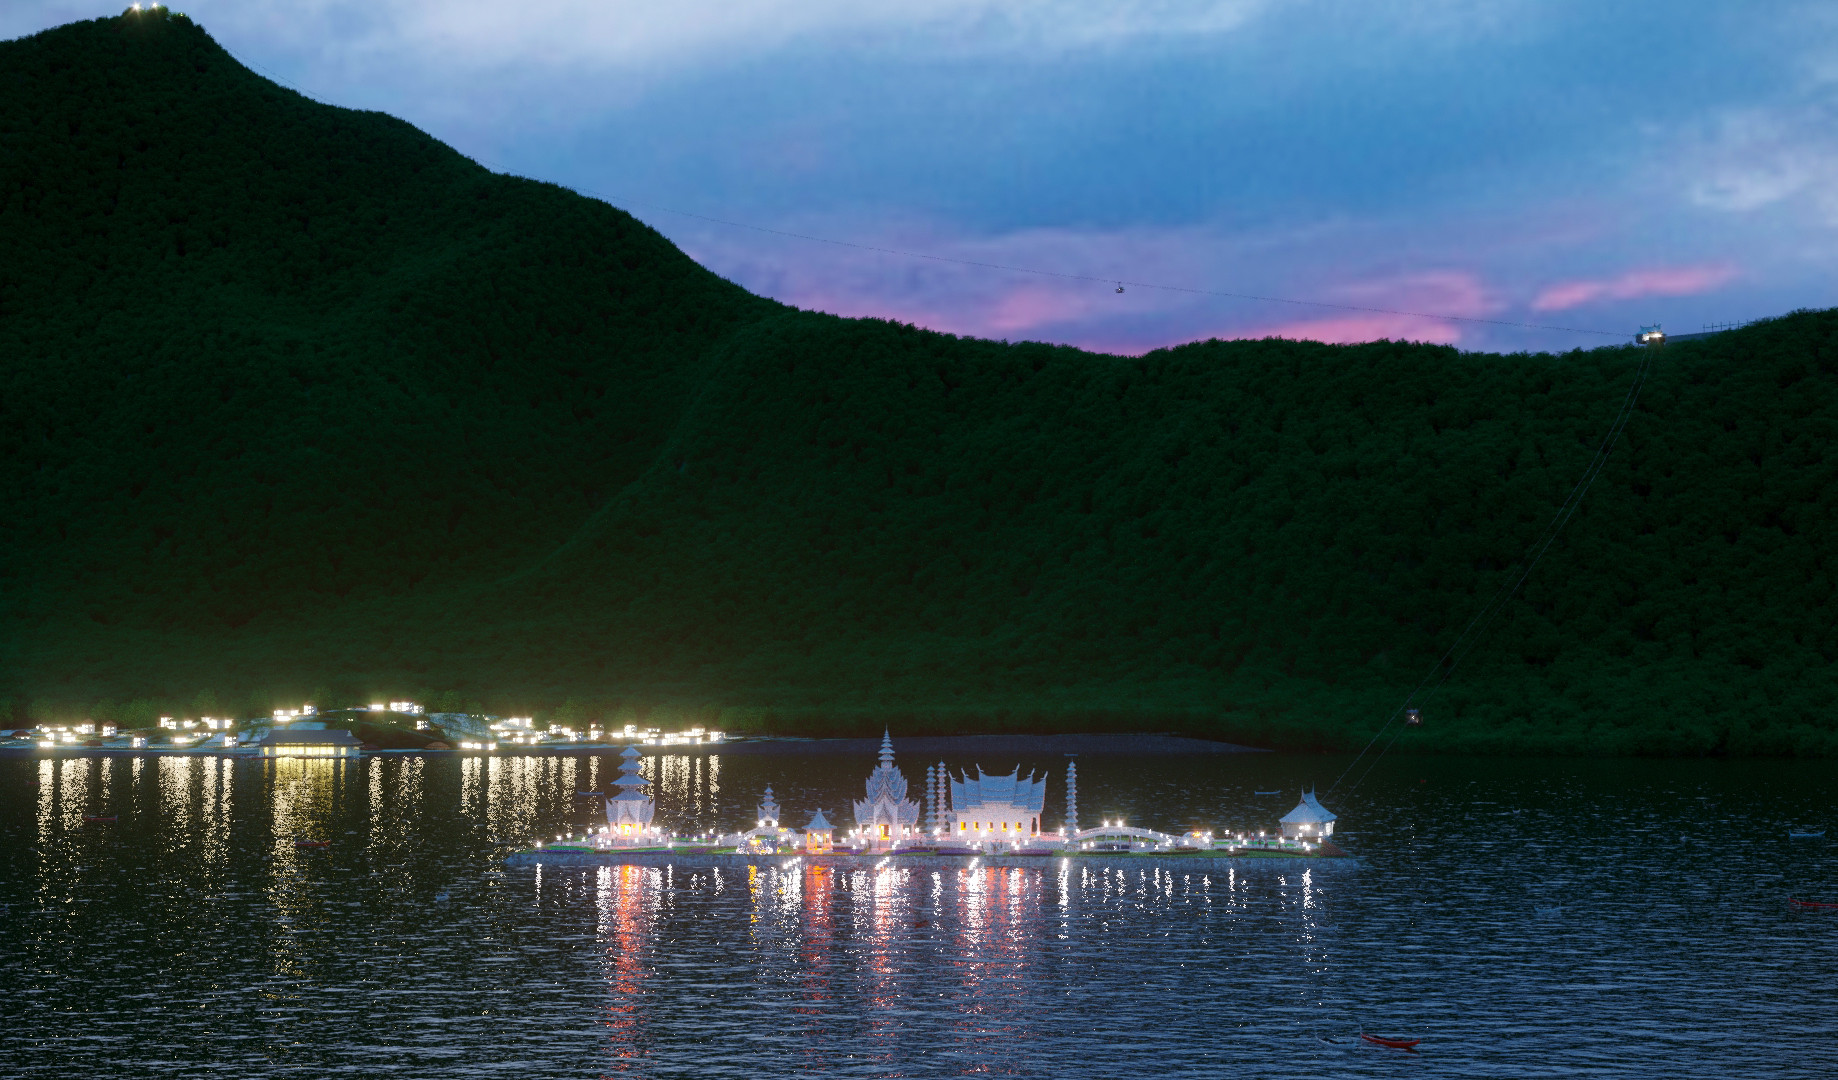 Храм Принцеесы озера Батур 2 вар